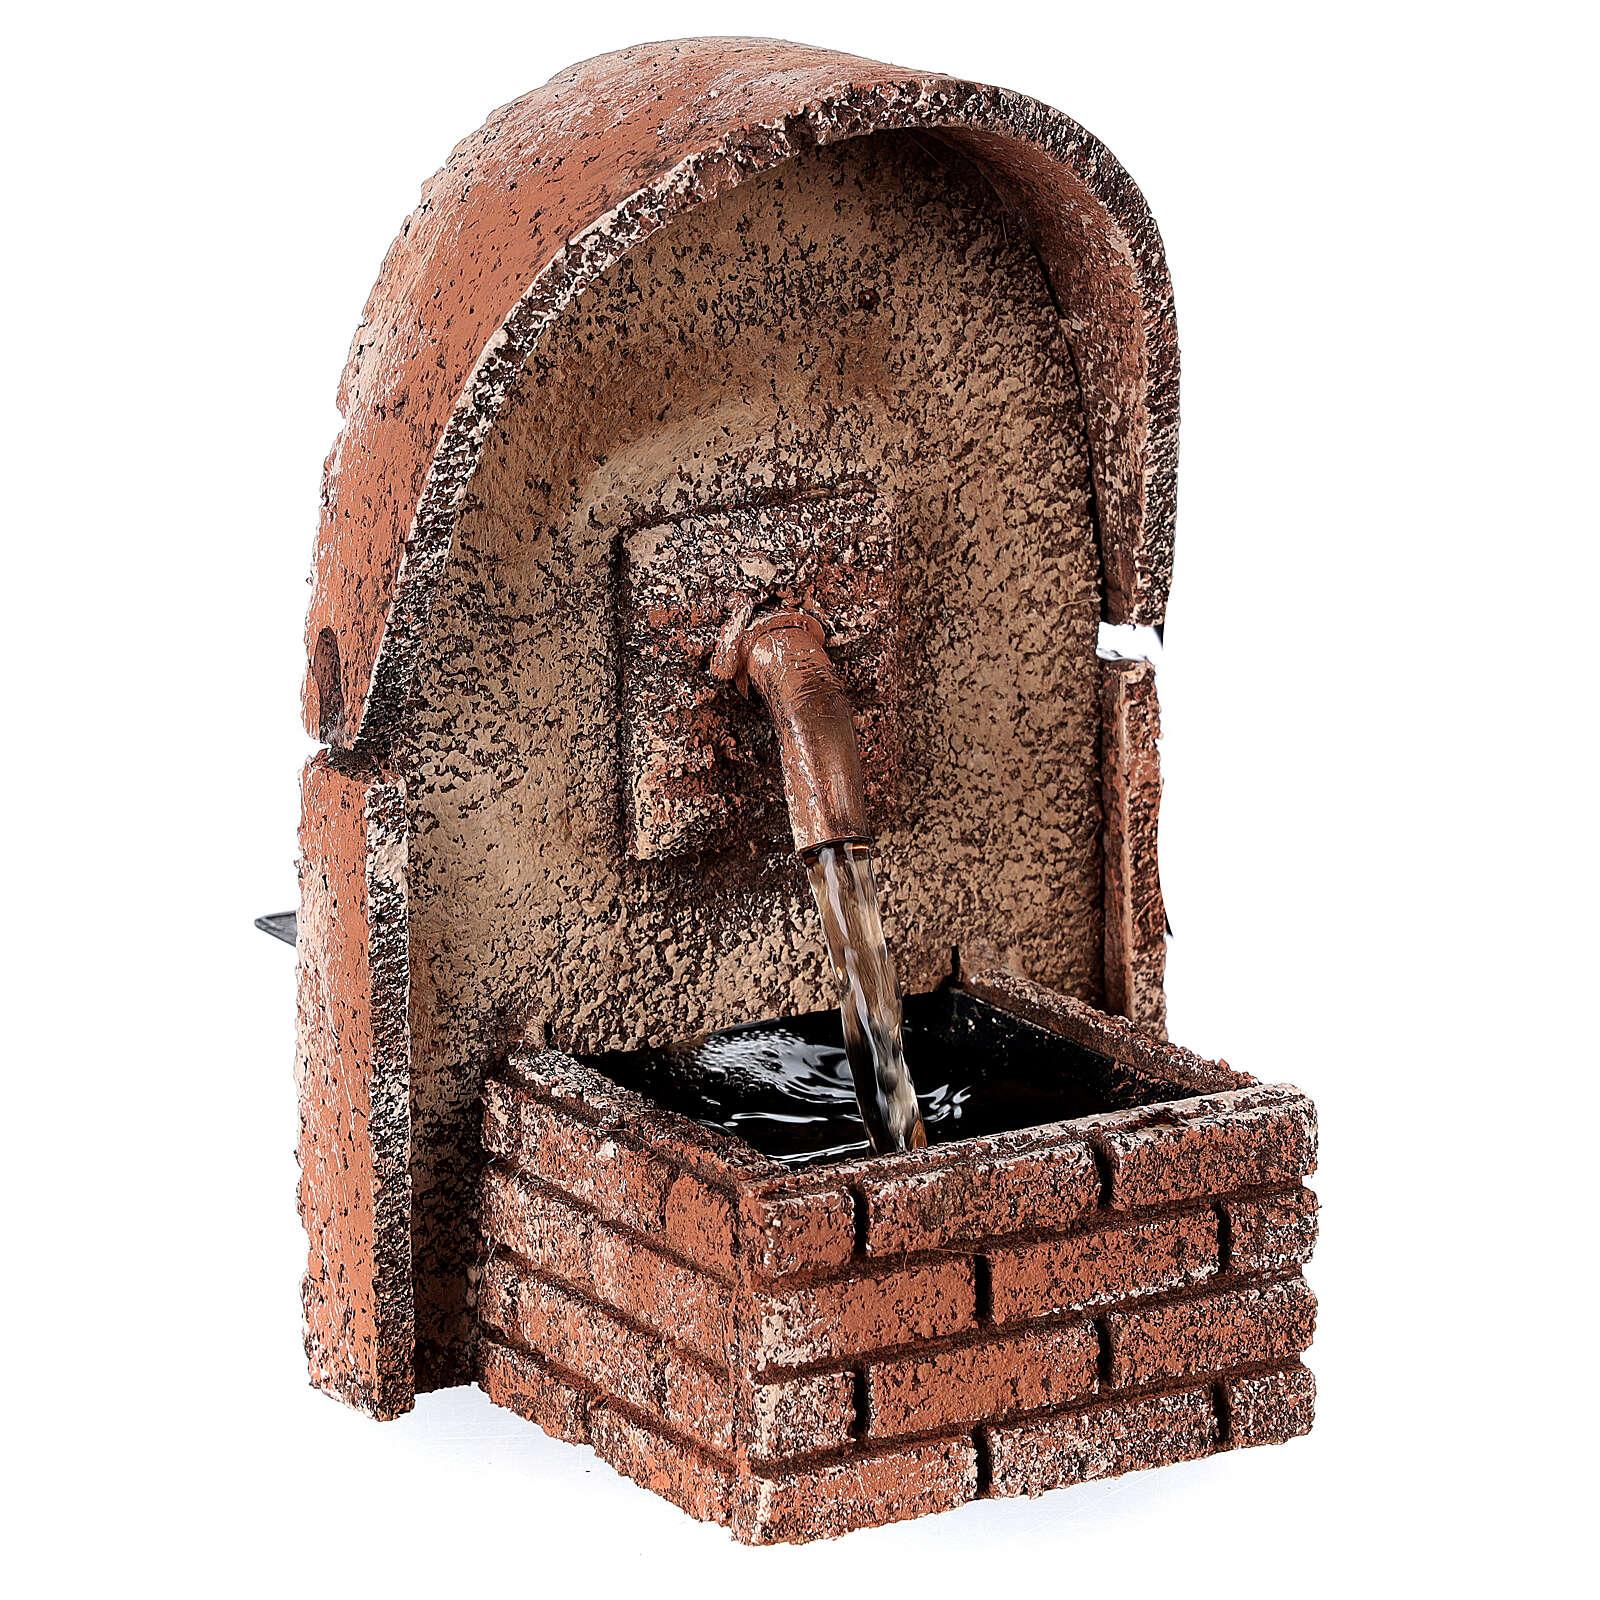 Fontaine en arc auvent liège 15x10x10 cm pour santons 8-10 cm 4